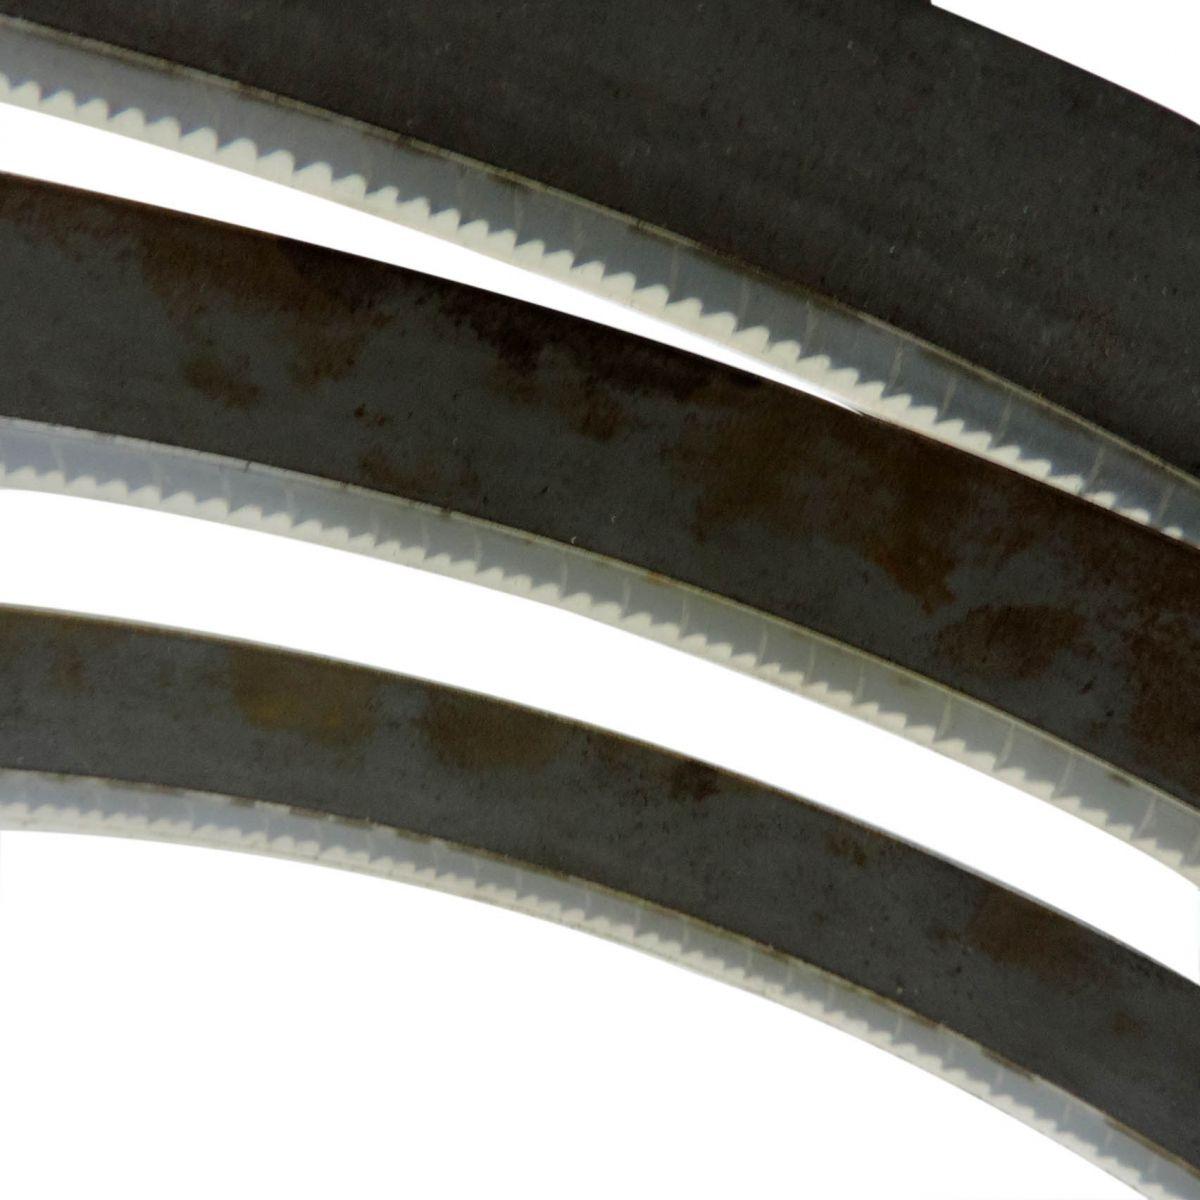 Lâmina P/serra De Fita 3,64m 27x0,9 M42 08-12 - Wagner - Q83